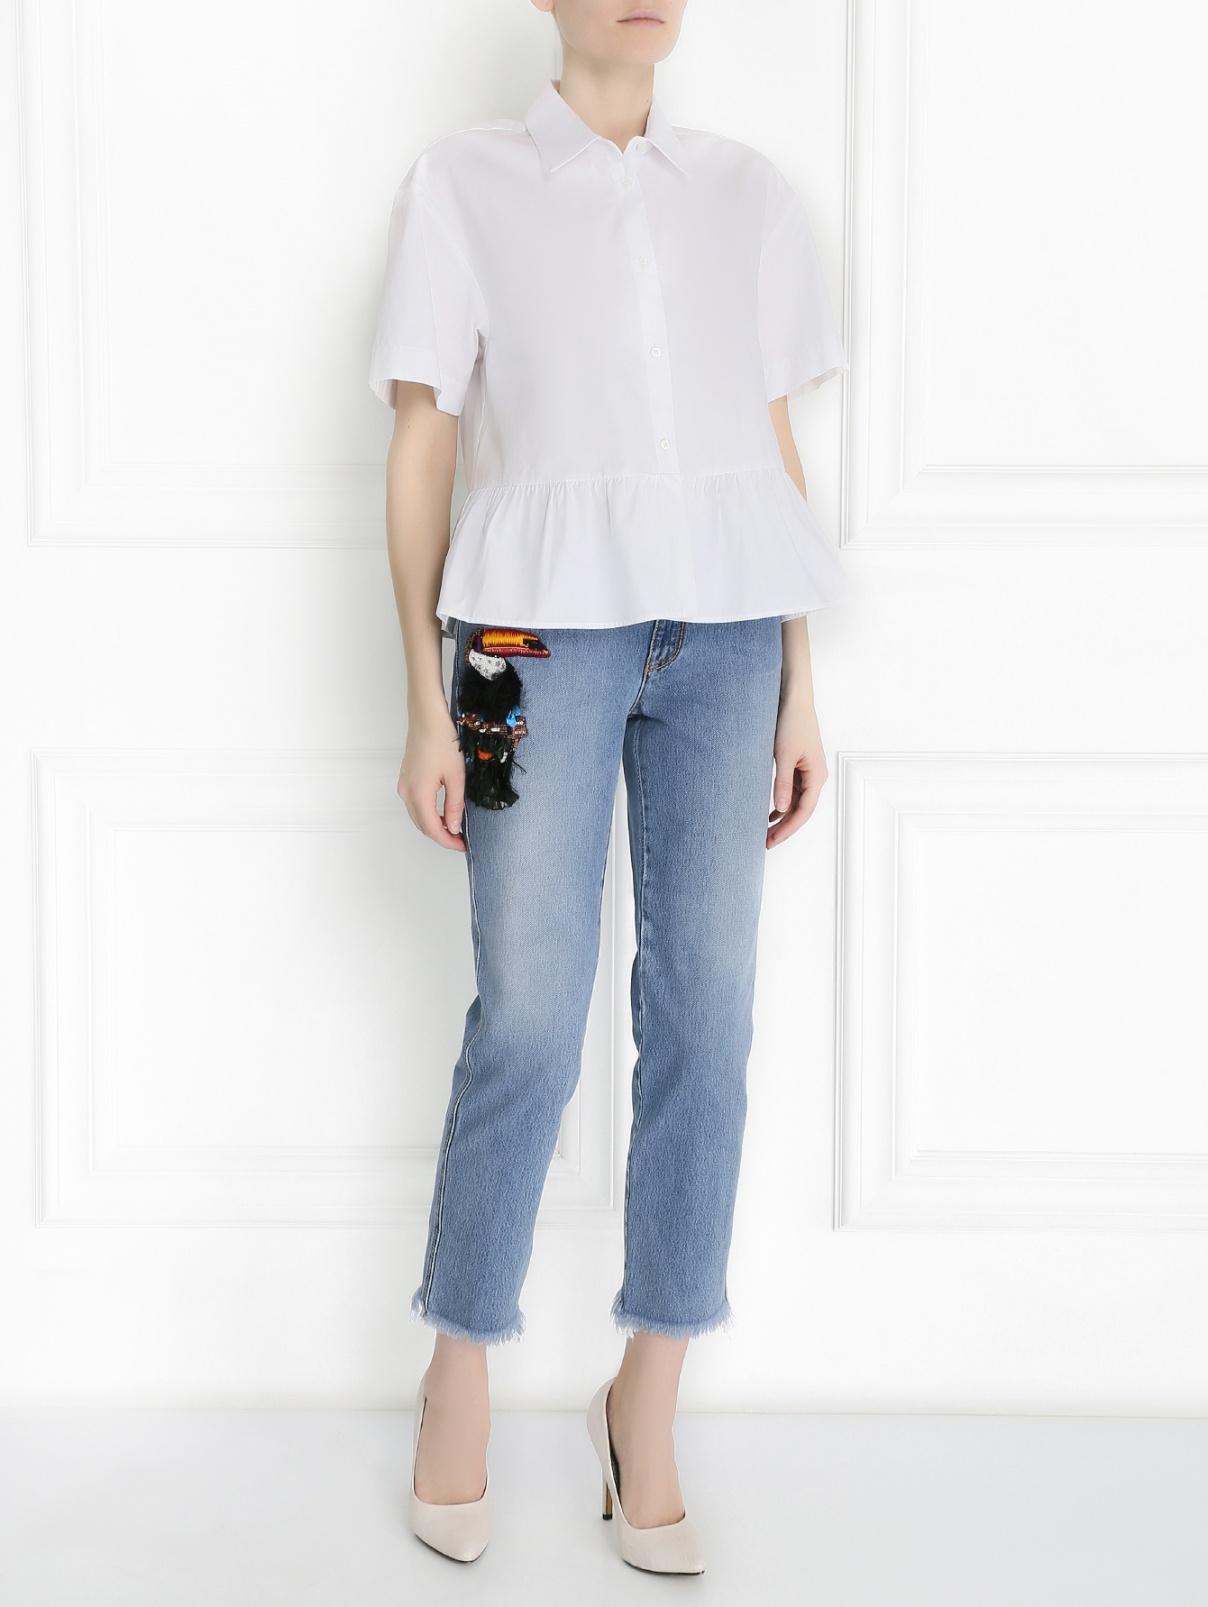 Рубашка из хлопка с коротким рукавом I'M Isola Marras  –  Модель Общий вид  – Цвет:  Белый